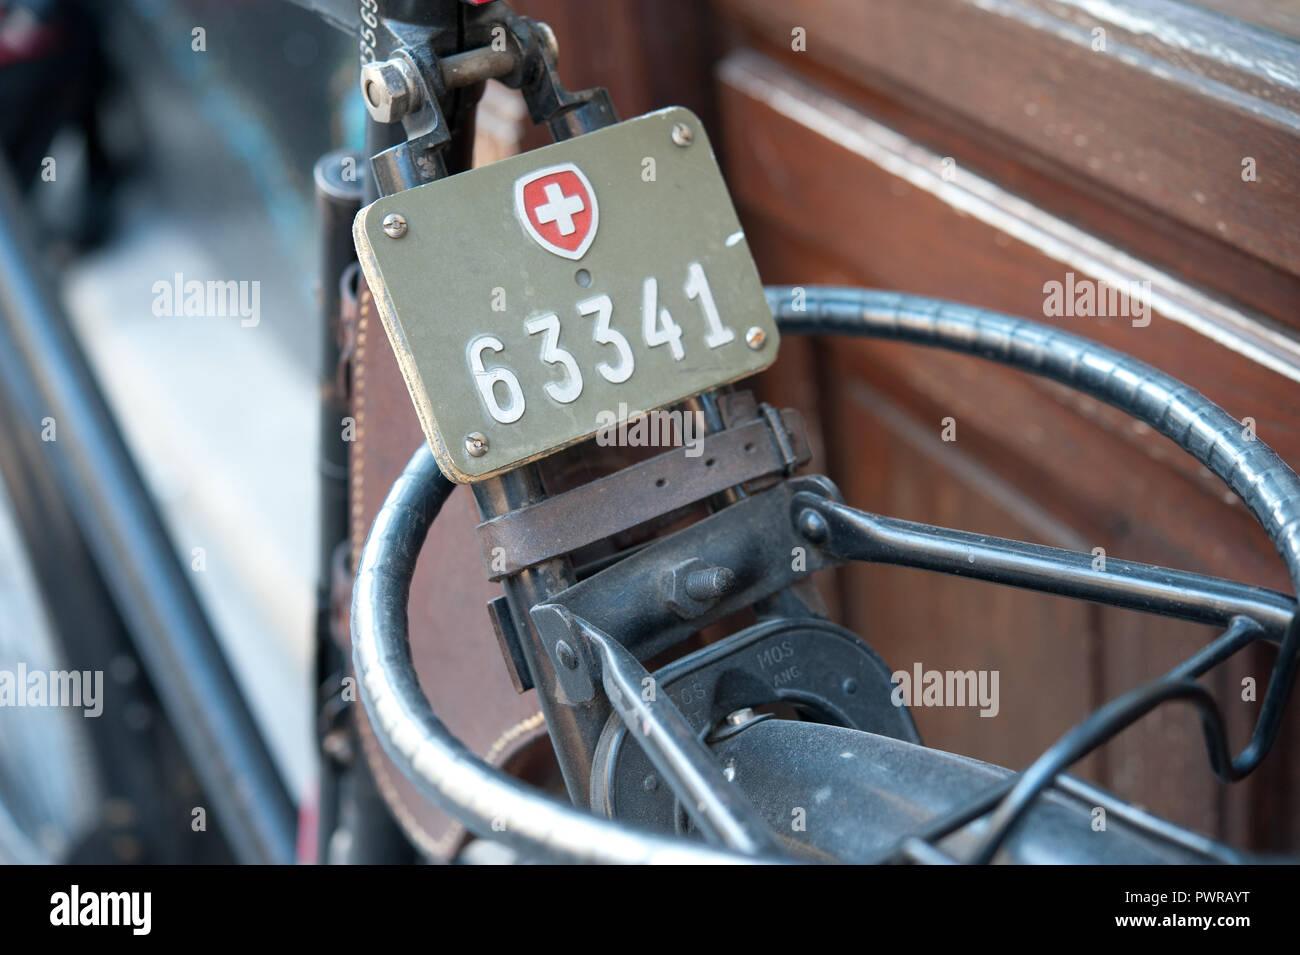 Schweizer Fahrradkennzeichen, Fahrrad-Nummerntafel Stock Photo